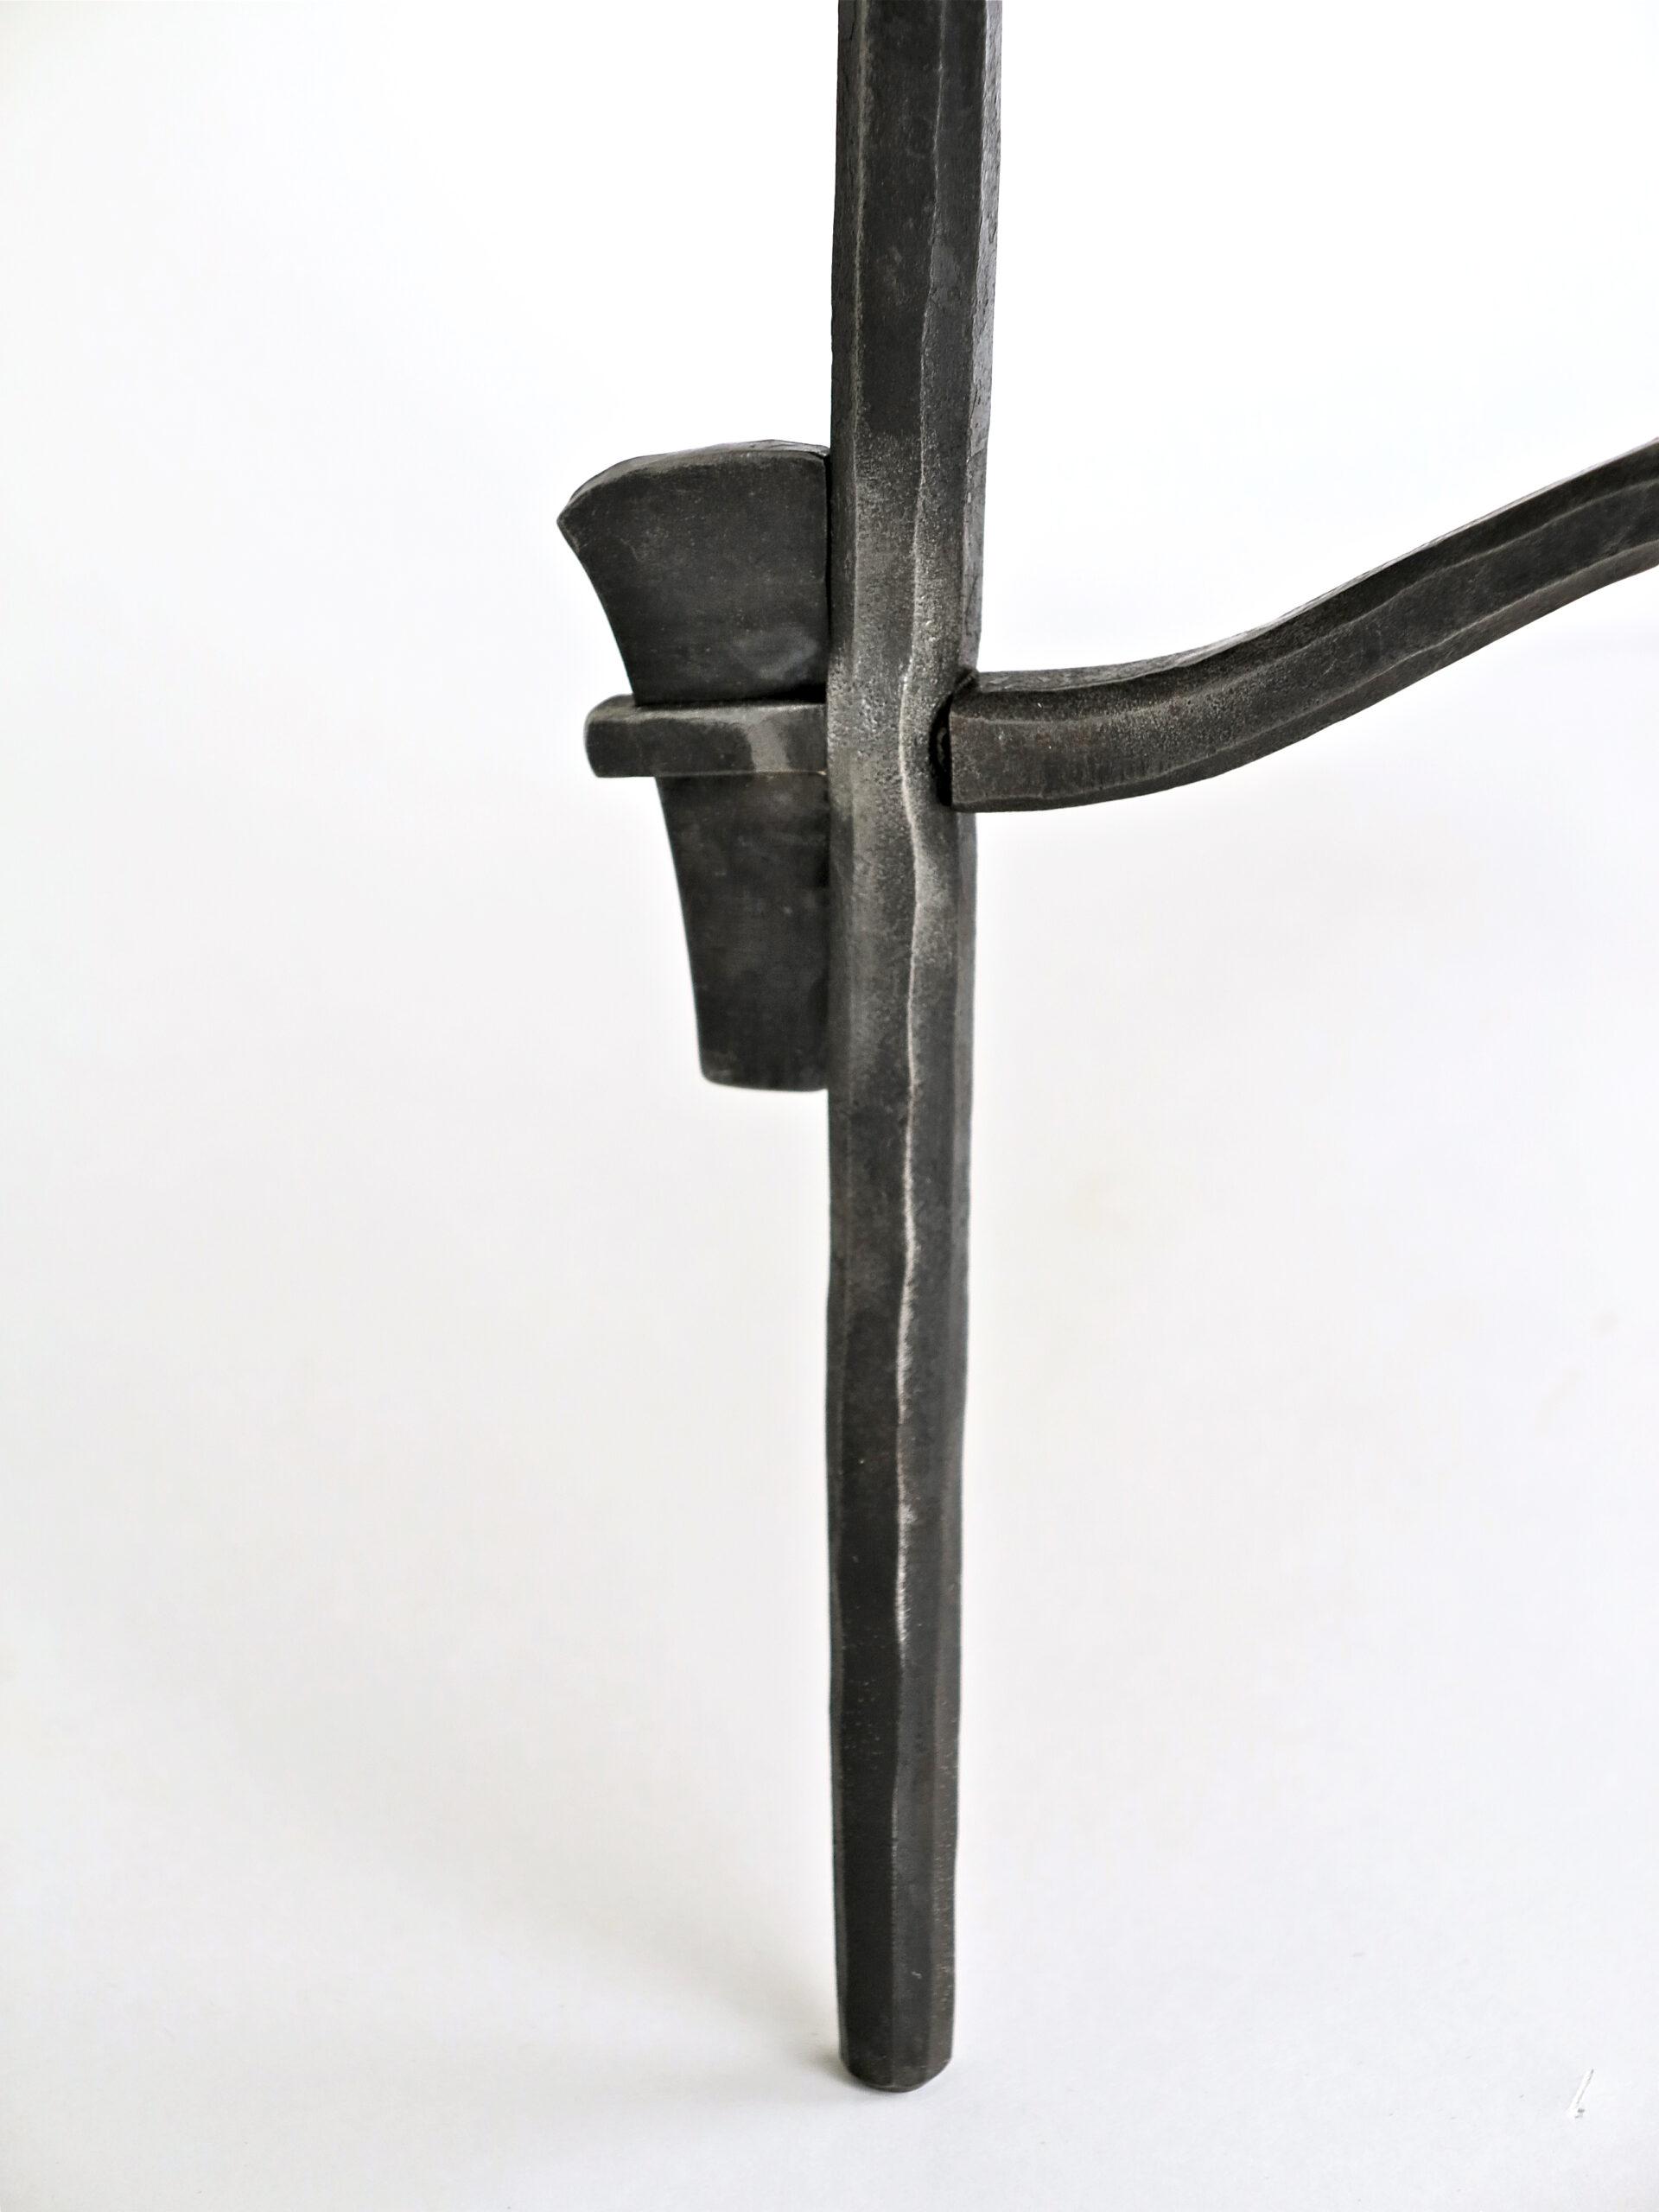 Eric Dennis blacksmith ironwork wedged tenon table legs holzapfel